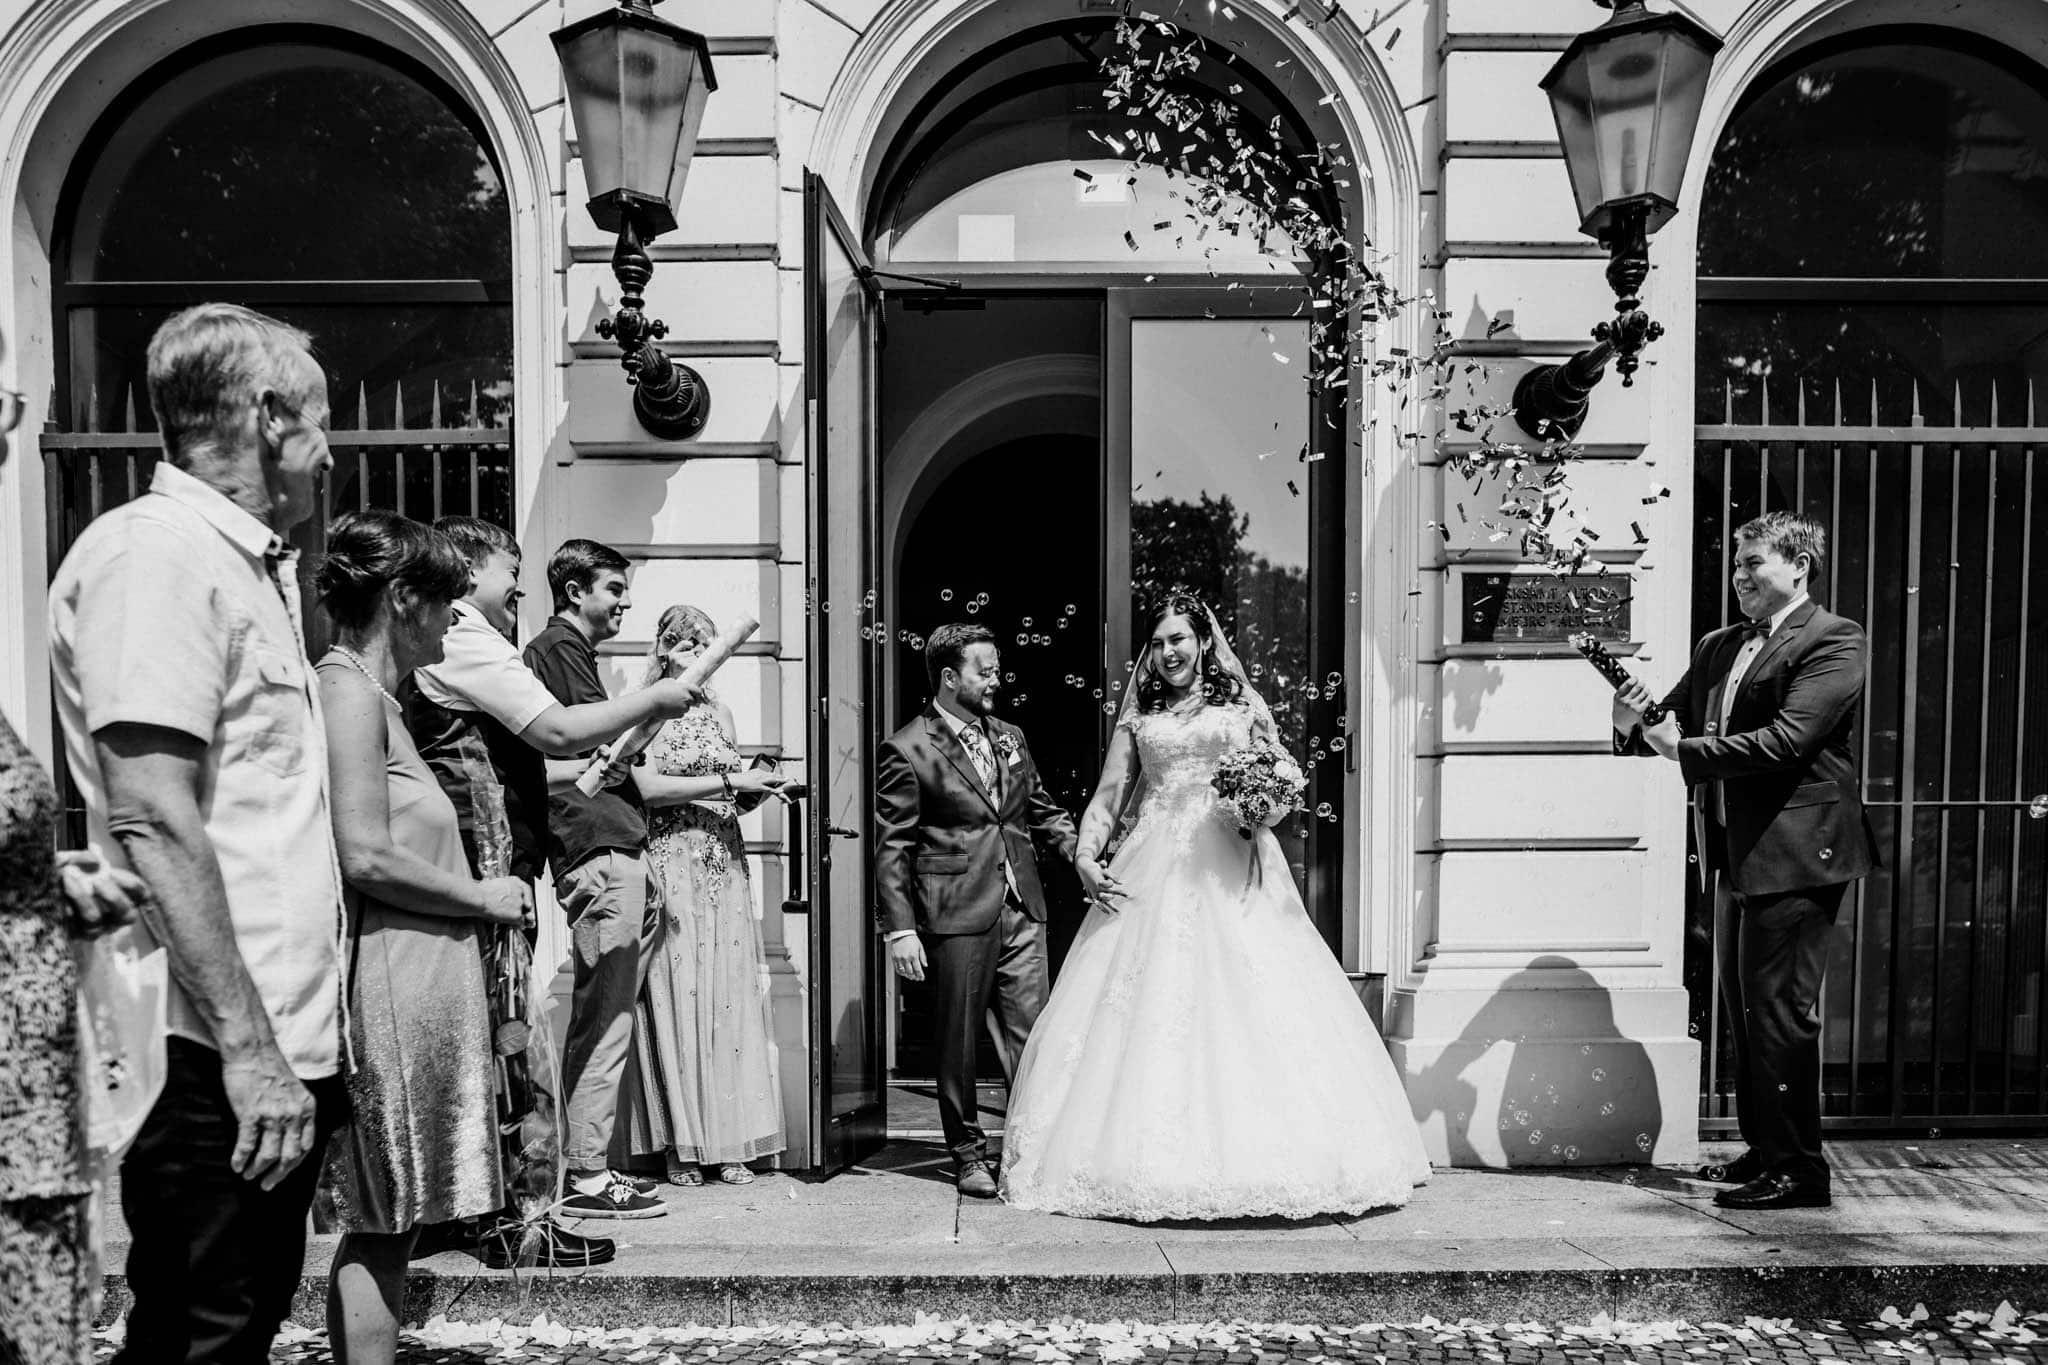 Hochzeitsfieber by Photo-Schomburg, Hochzeitsfotograf, Hamburg, Altona, wedding, Standesamt Altona, Appen, Hochzeitsshooting, Hochzeitstag, Brautpaar-53